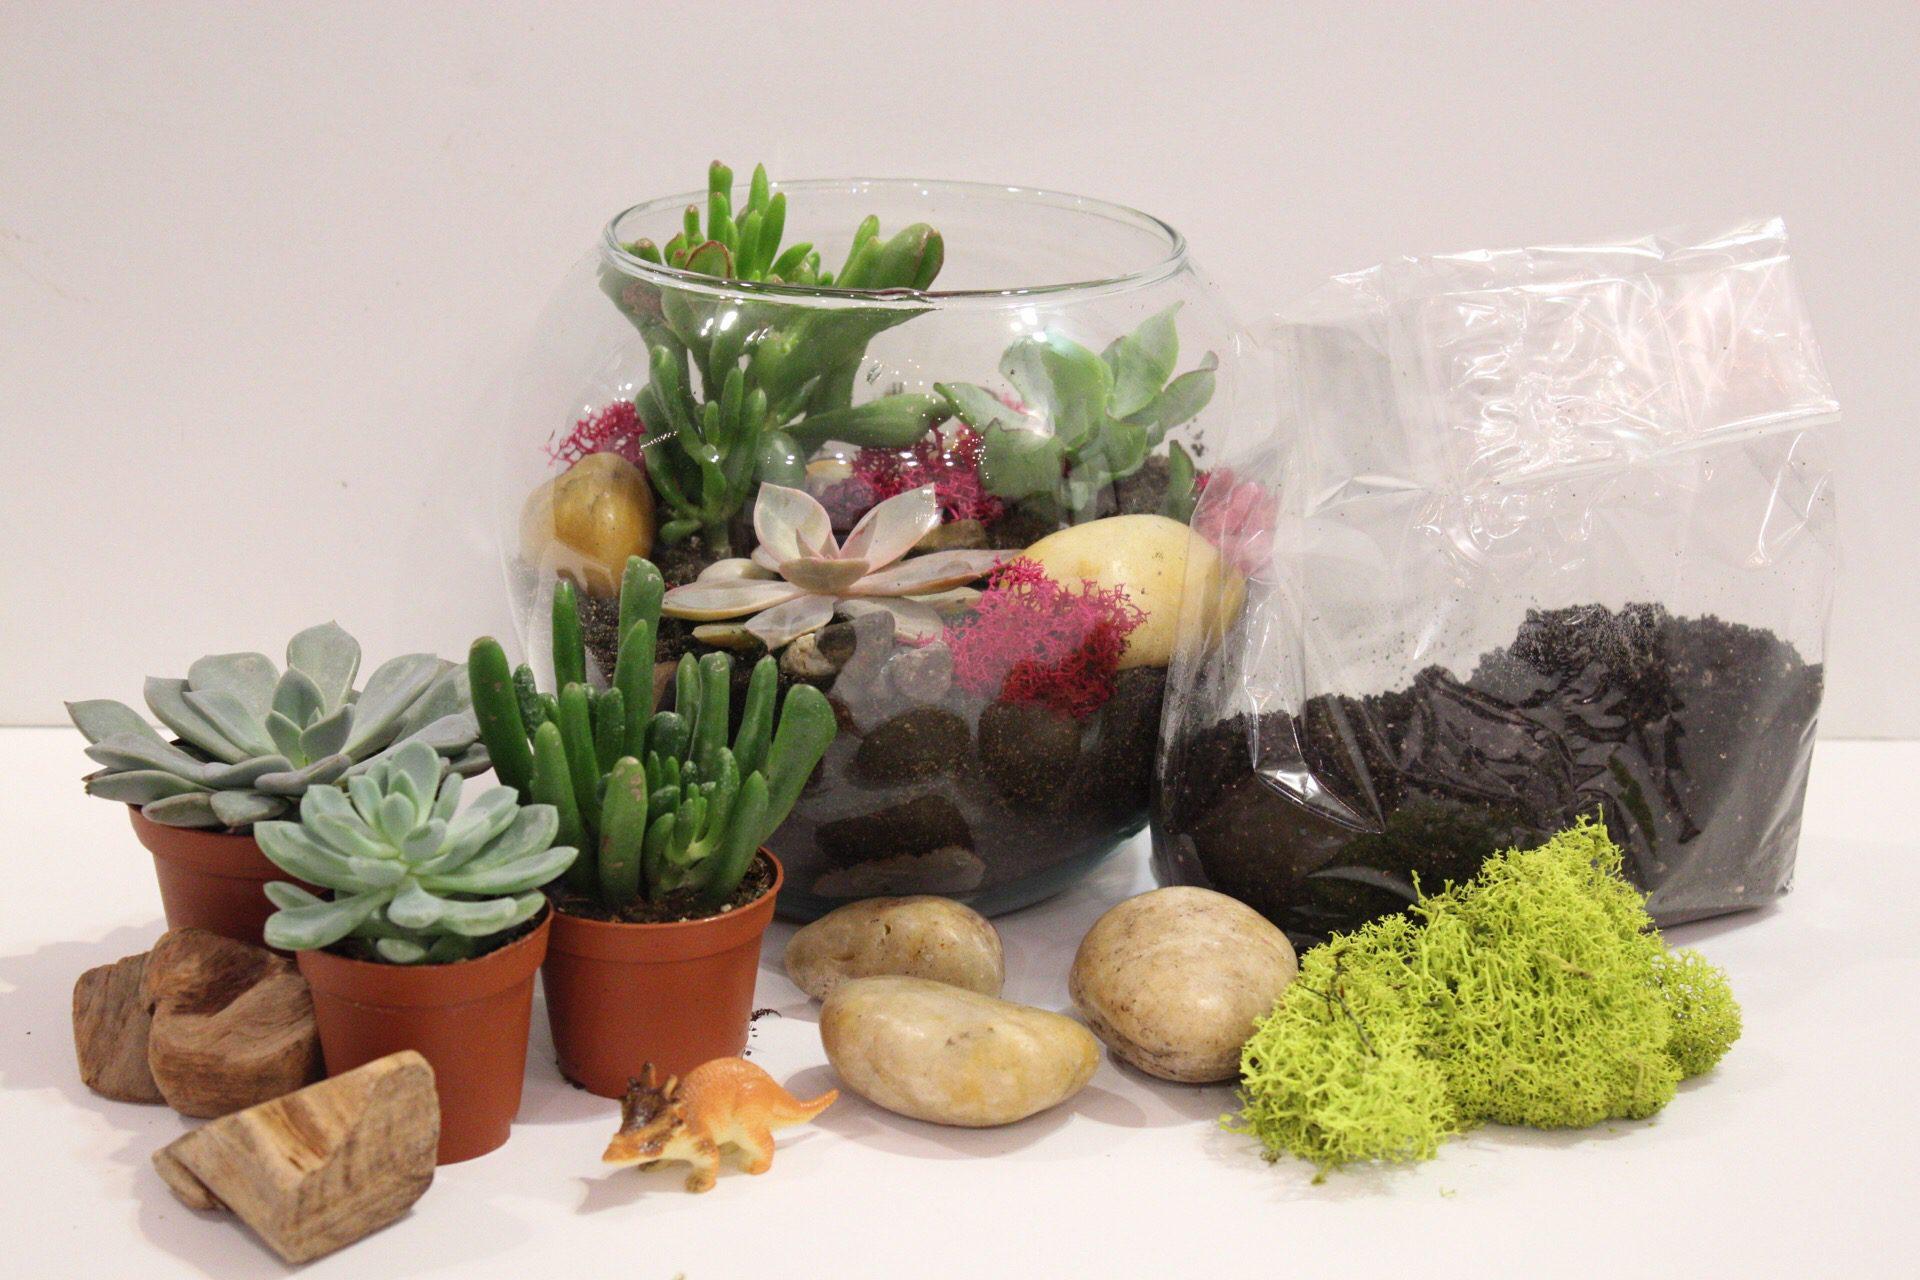 DIY Succulent Terrarium Kit